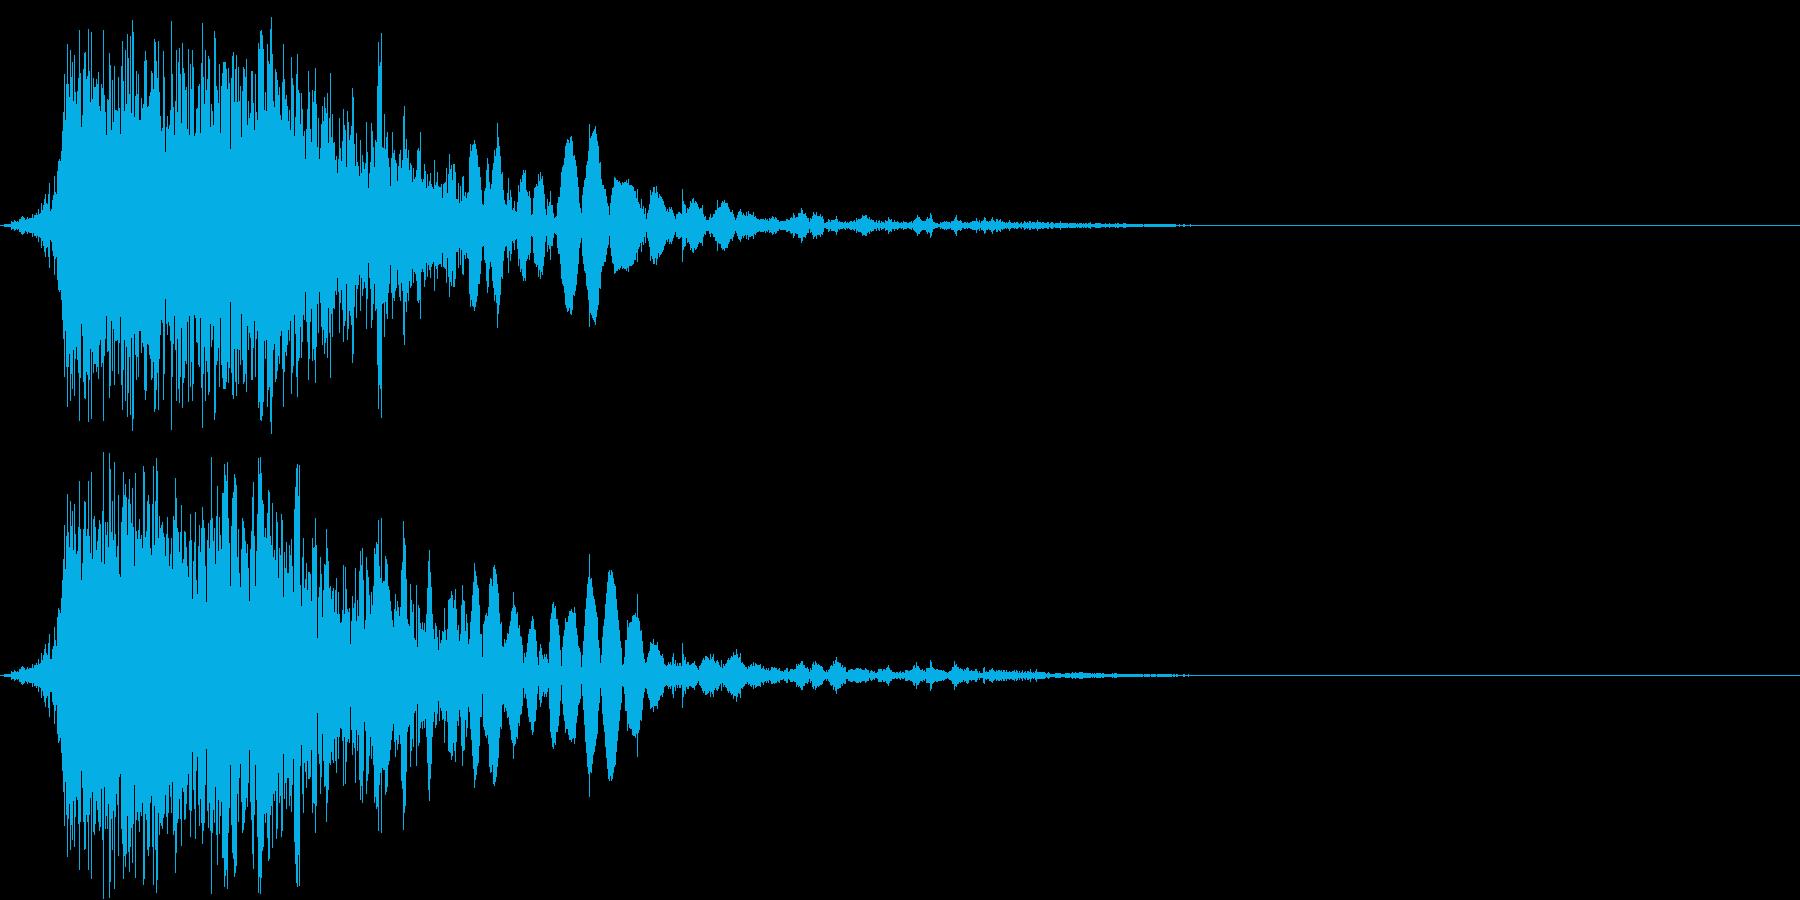 斬撃音(刀や剣で斬る/刺す効果音)06の再生済みの波形